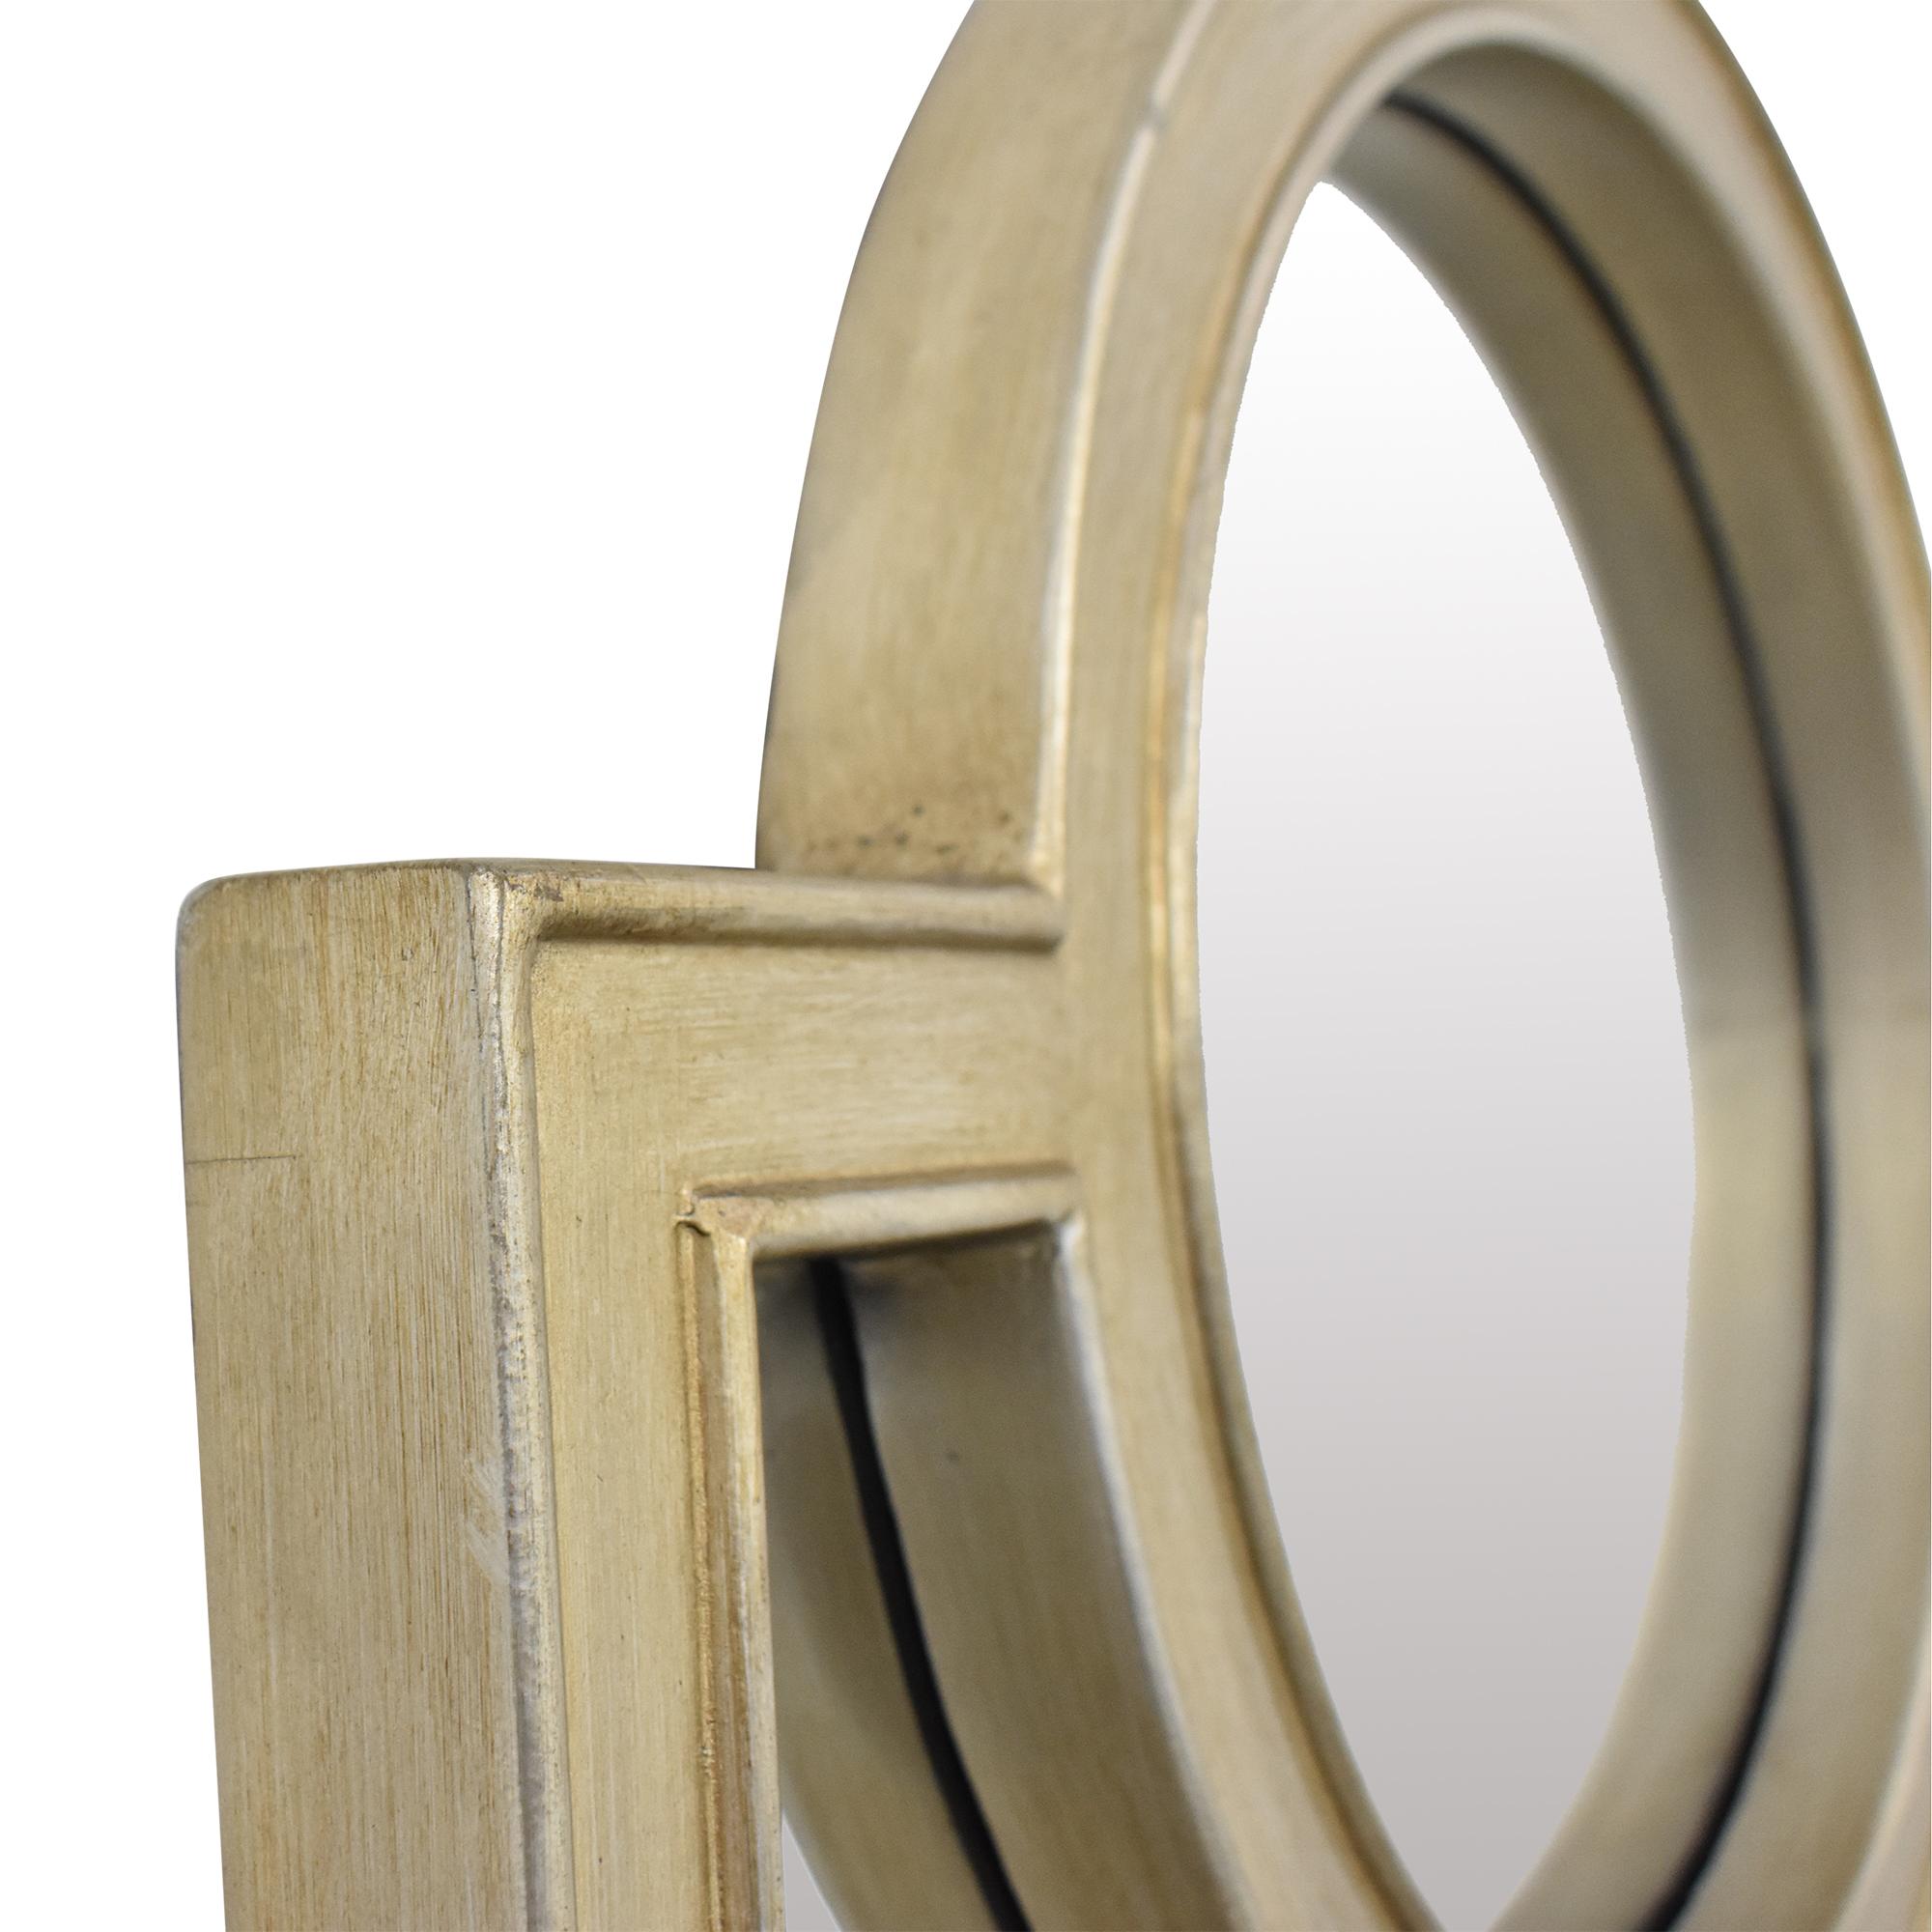 Overstock Overstock Neopolitan Wall Mirror for sale